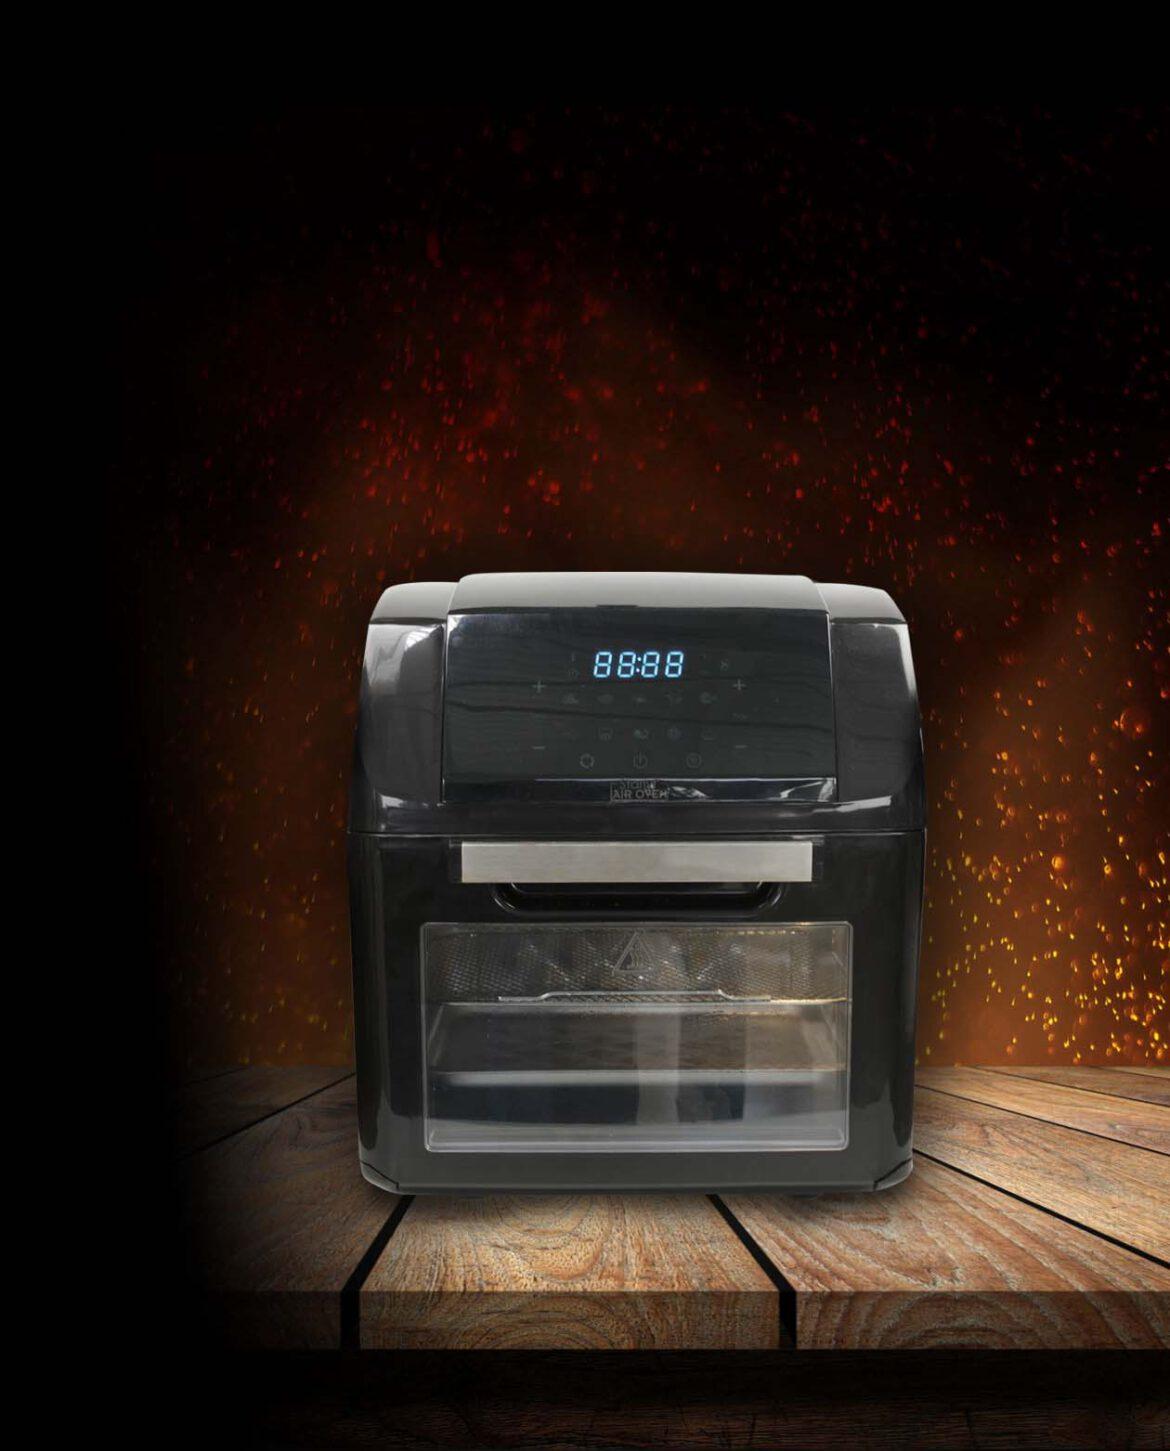 Air Oven forno a circolazione d'aria: cucina a minor apporto di calorie? Acquisto, opinioni e recensioni, prezzo